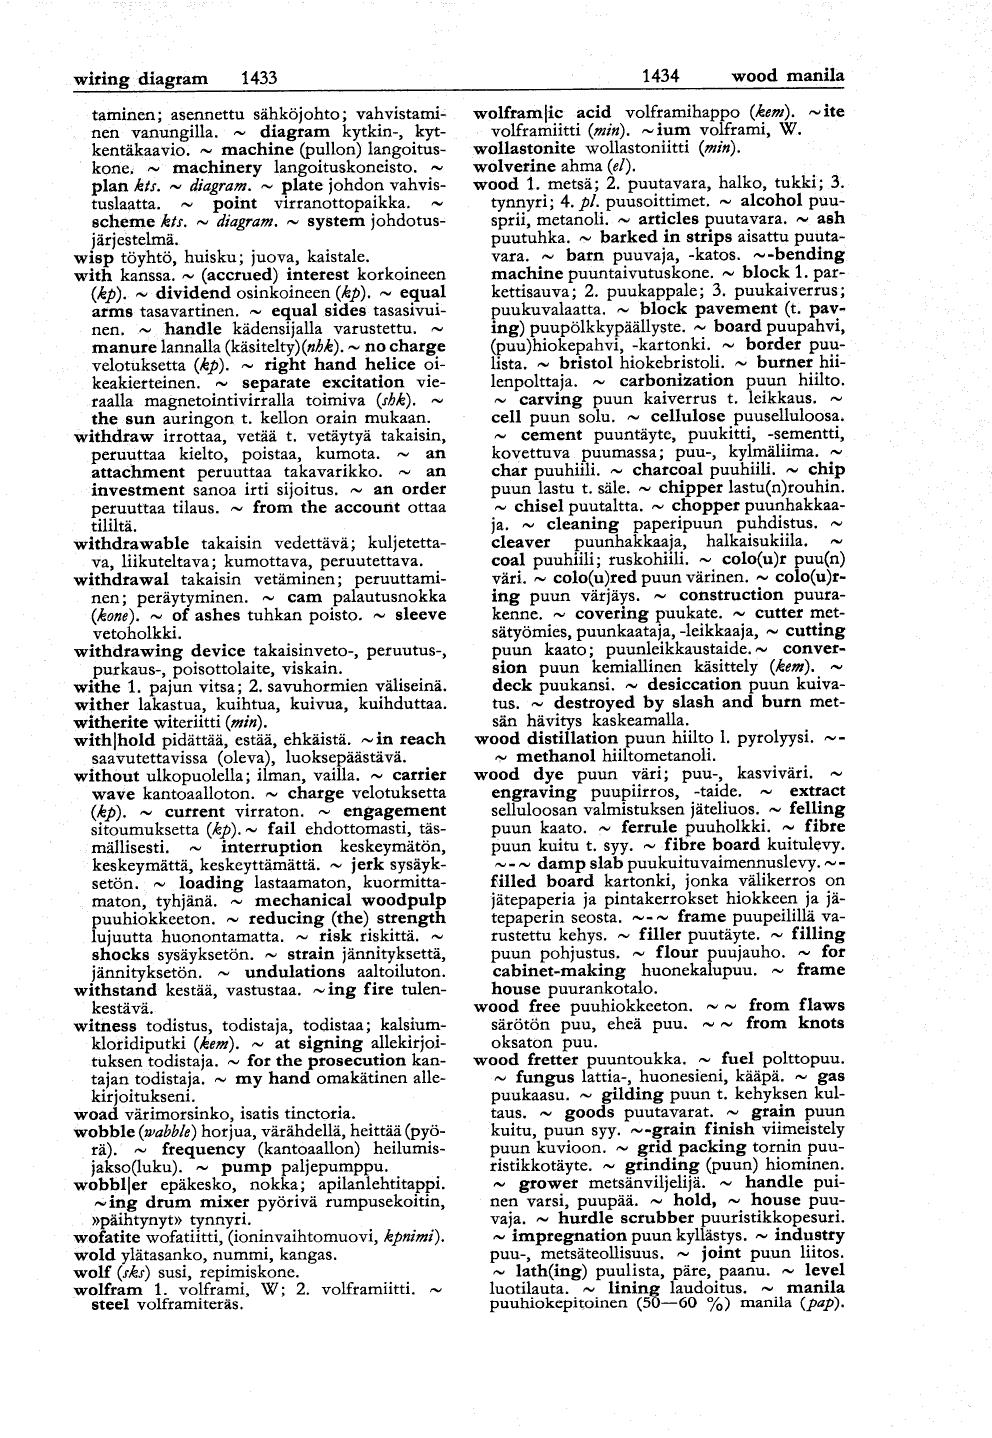 Tekniikan Sanakirja